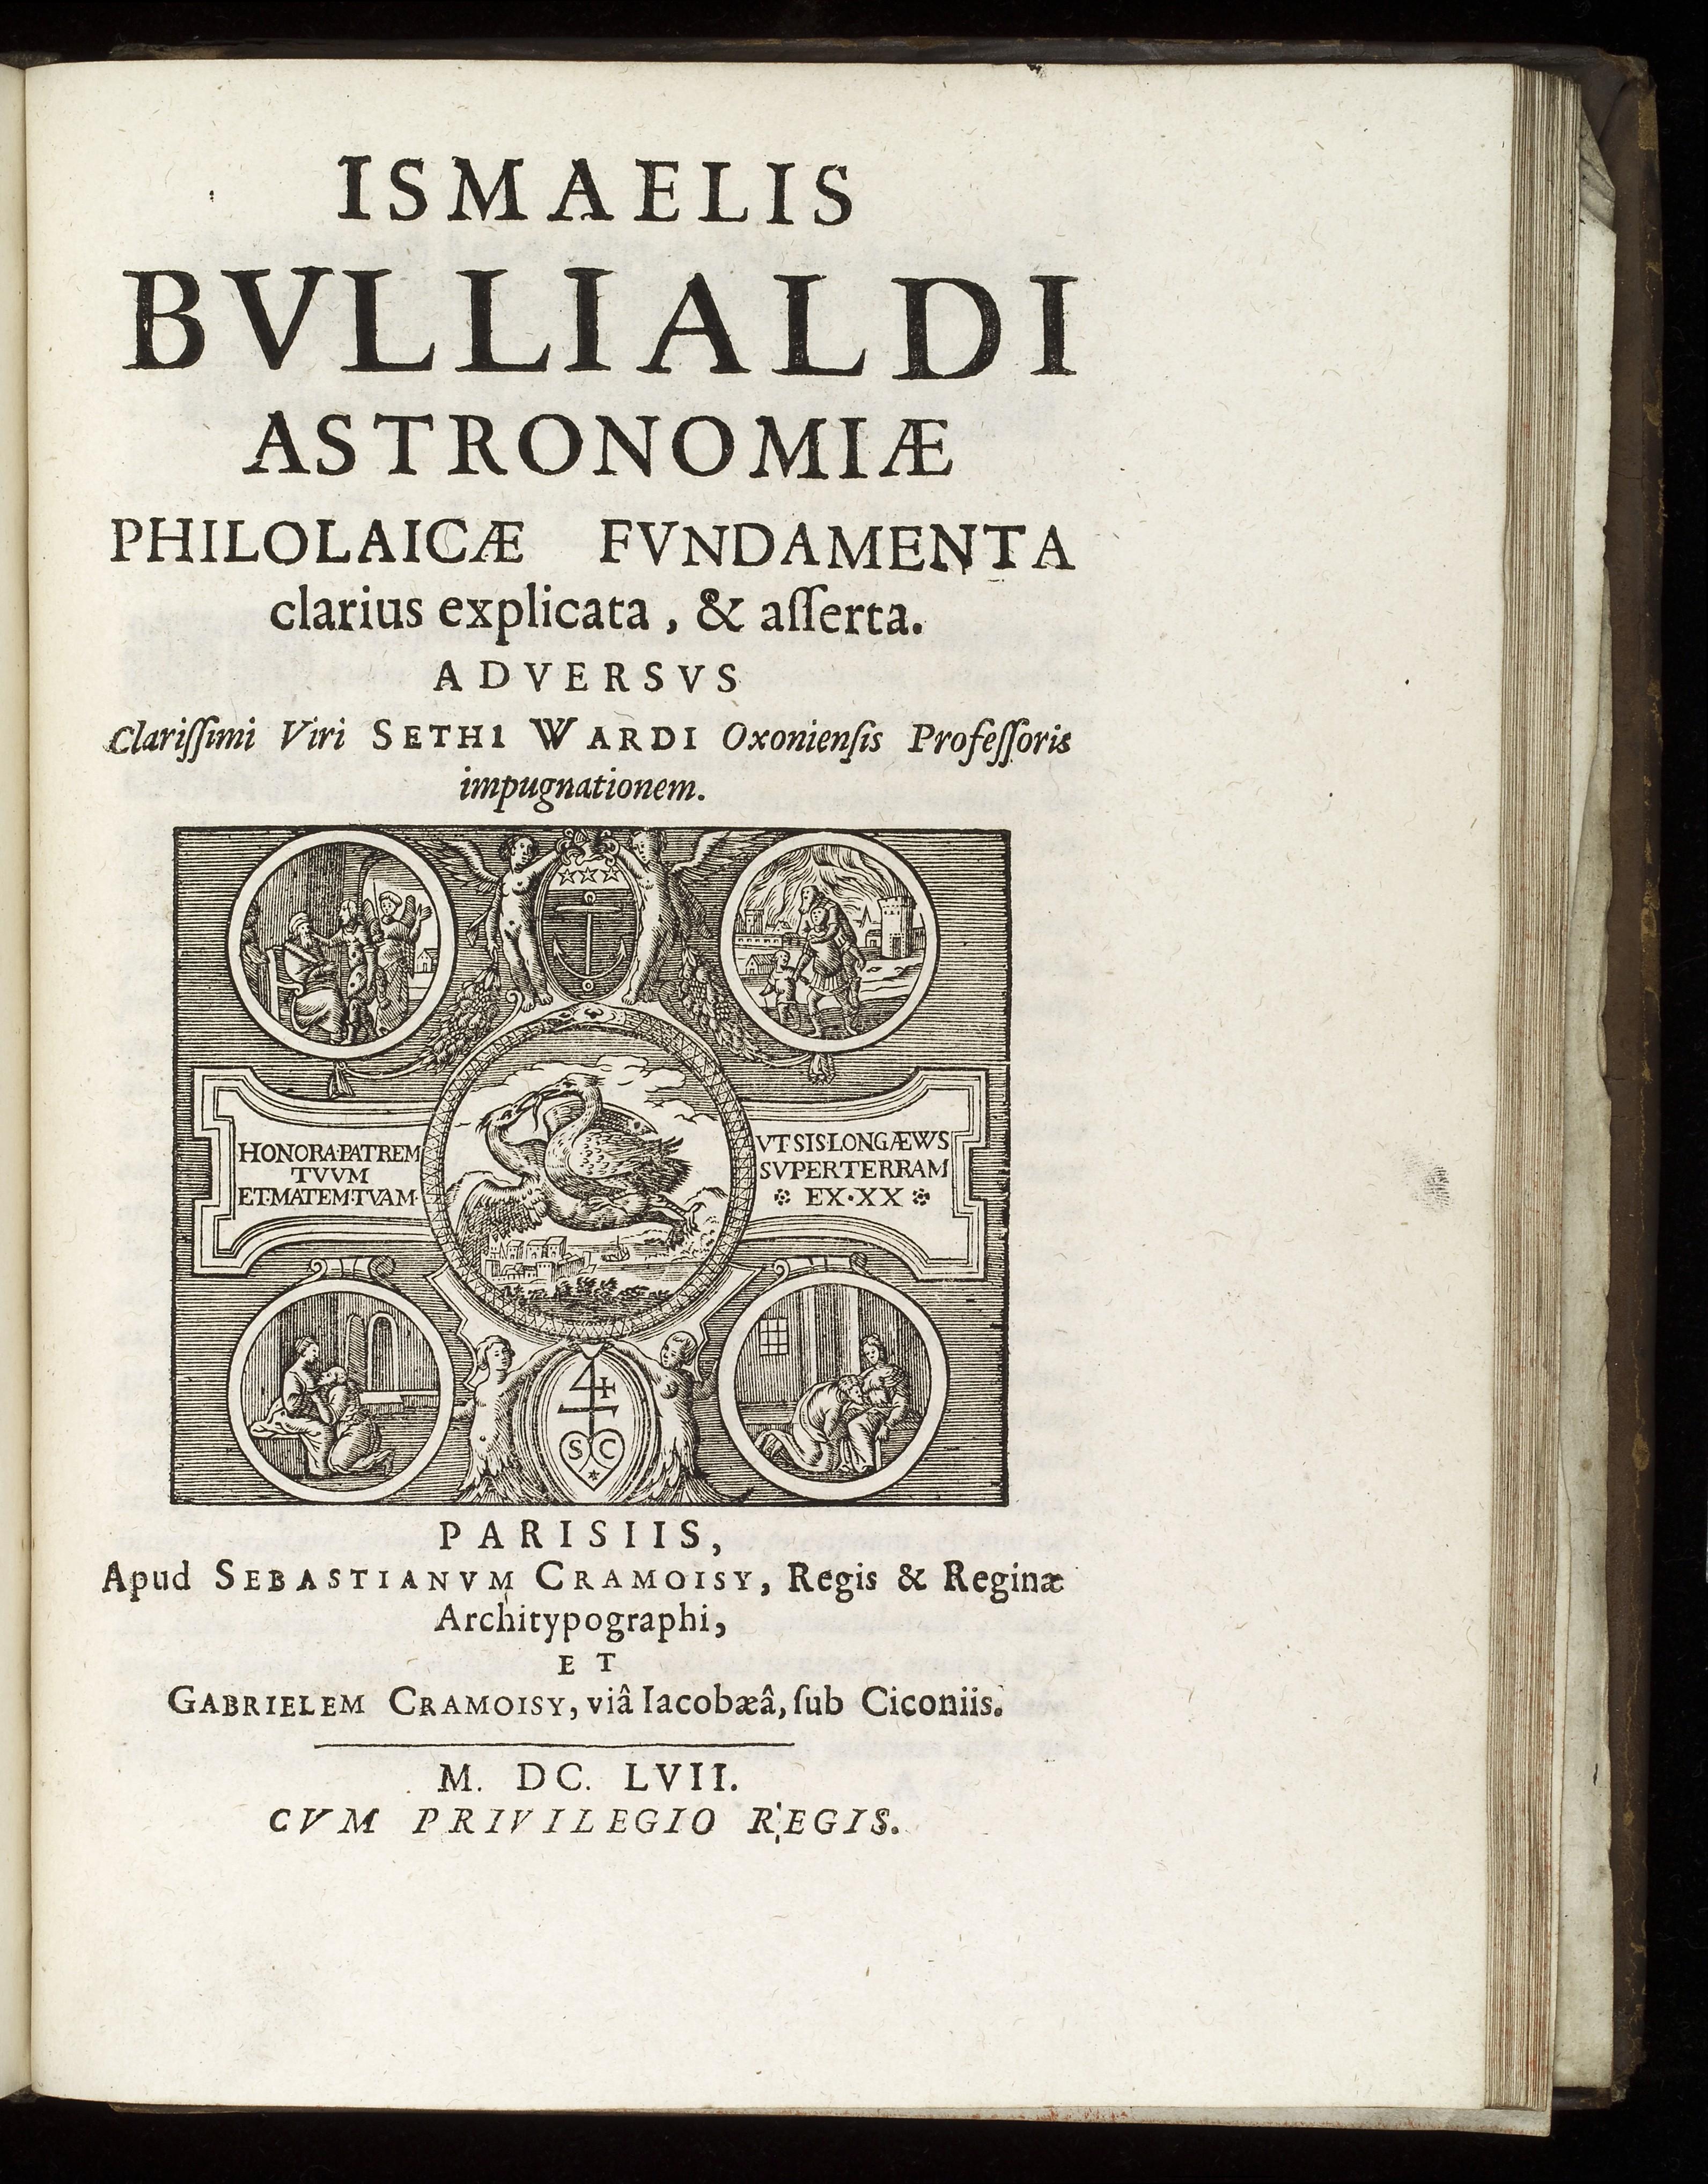 L0040222 Title Page of 'Astronomiae Philolacae Fundamenta'